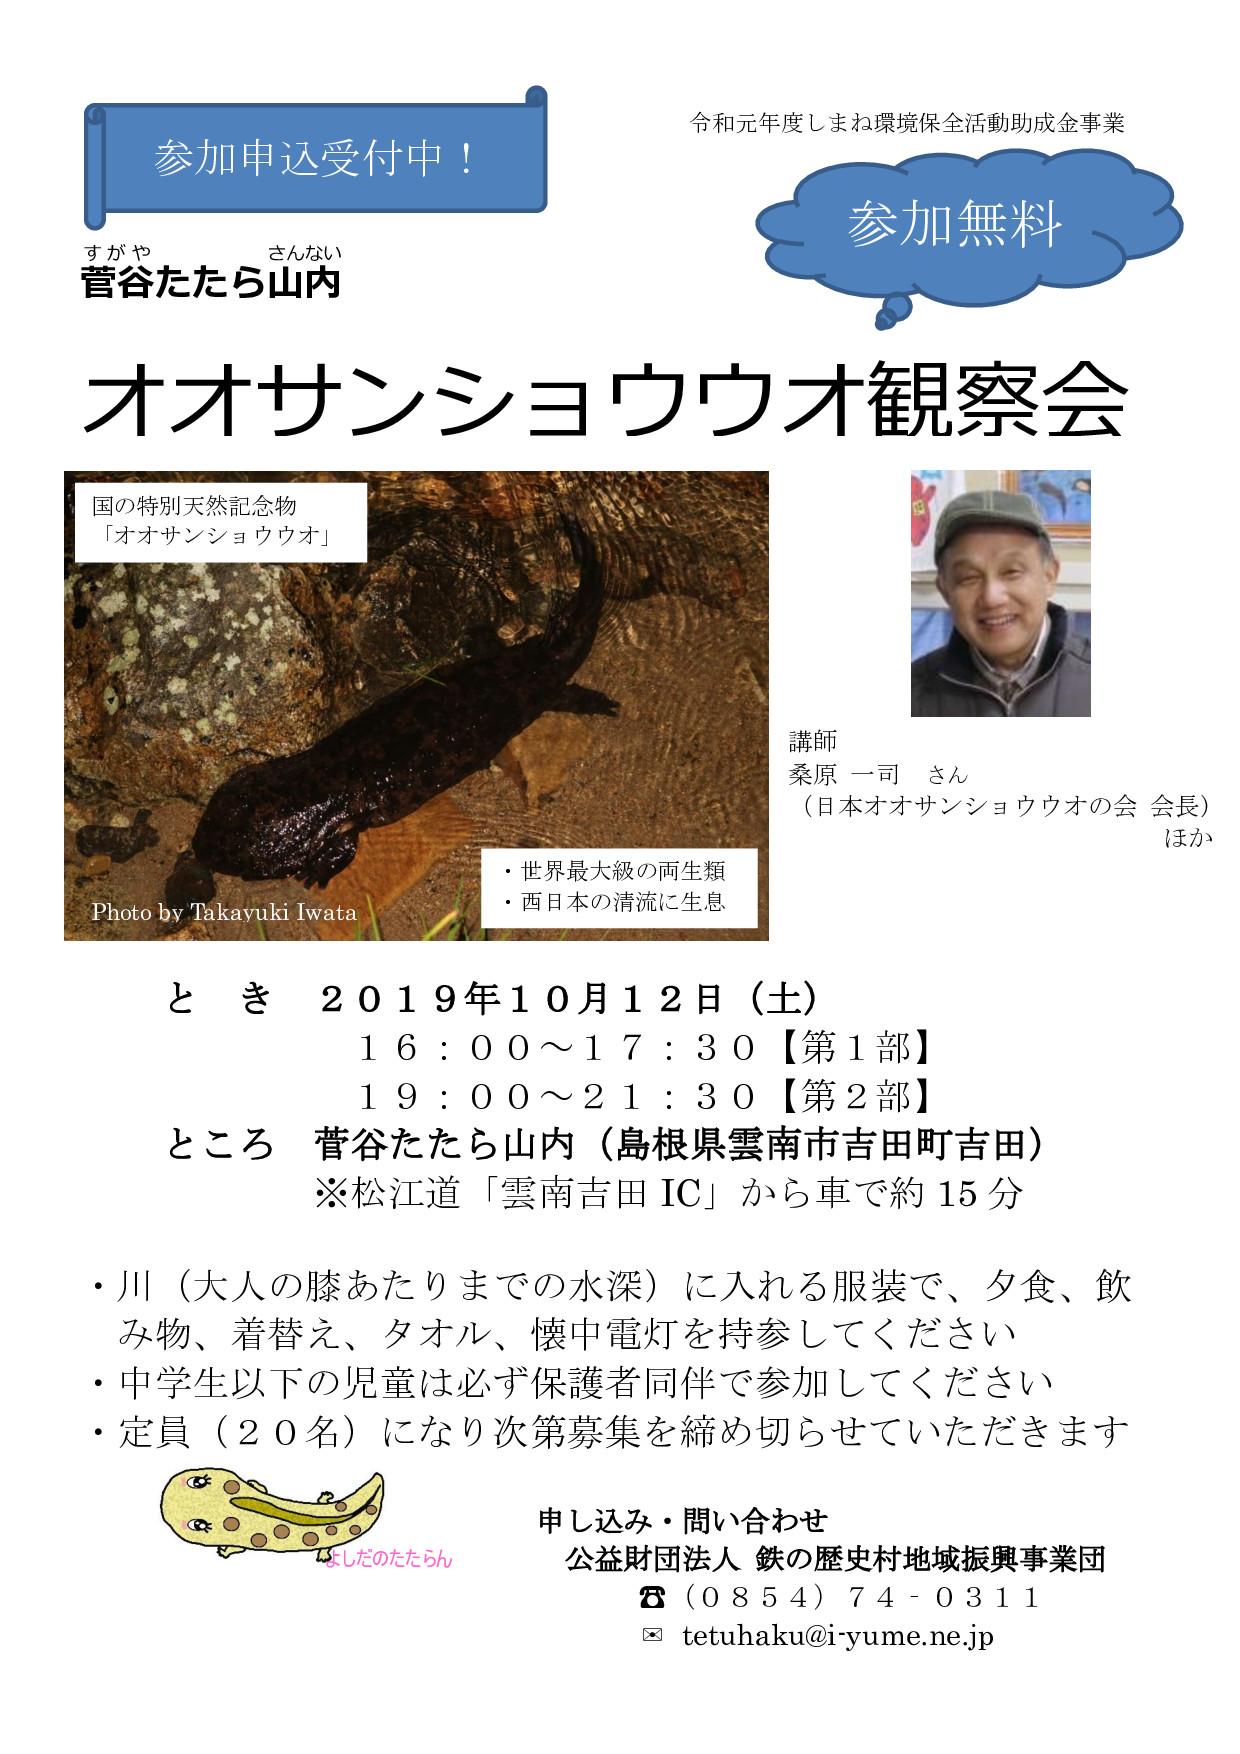 オオサンショウウオ観察会.docx_p001